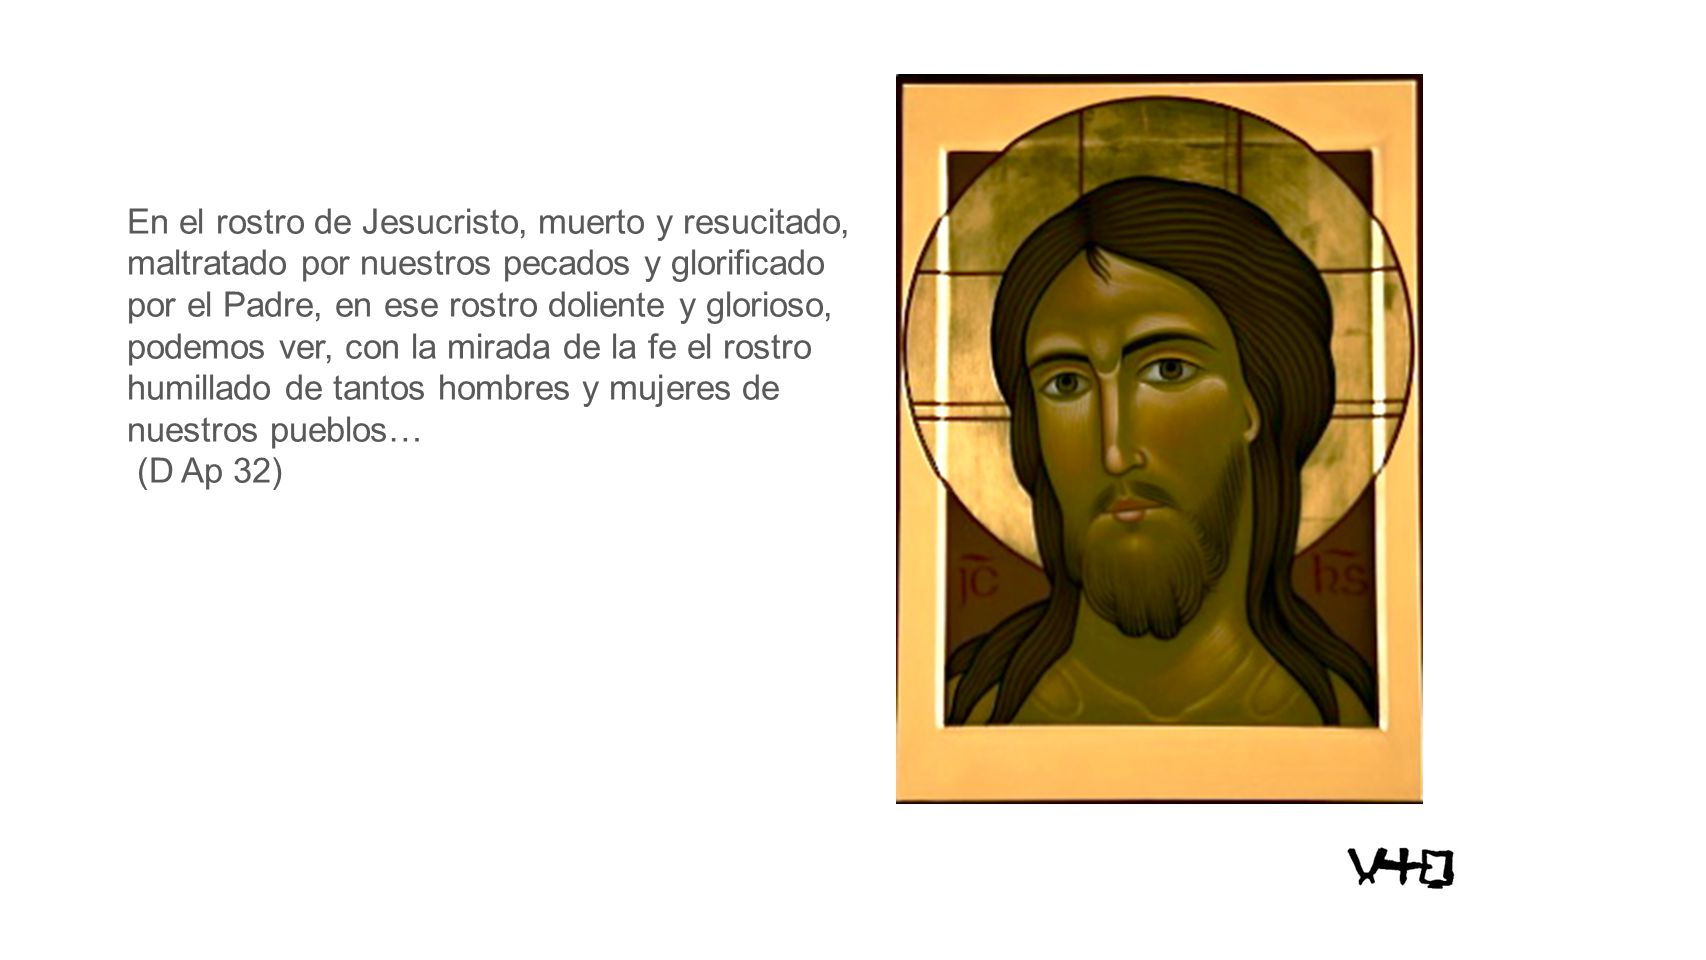 En el rostro de Jesucristo, muerto y resucitado, maltratado por nuestros pecados y glorificado por el Padre, en ese rostro doliente y glorioso, podemos ver, con la mirada de la fe el rostro humillado de tantos hombres y mujeres de nuestros pueblos… (D Ap 32)